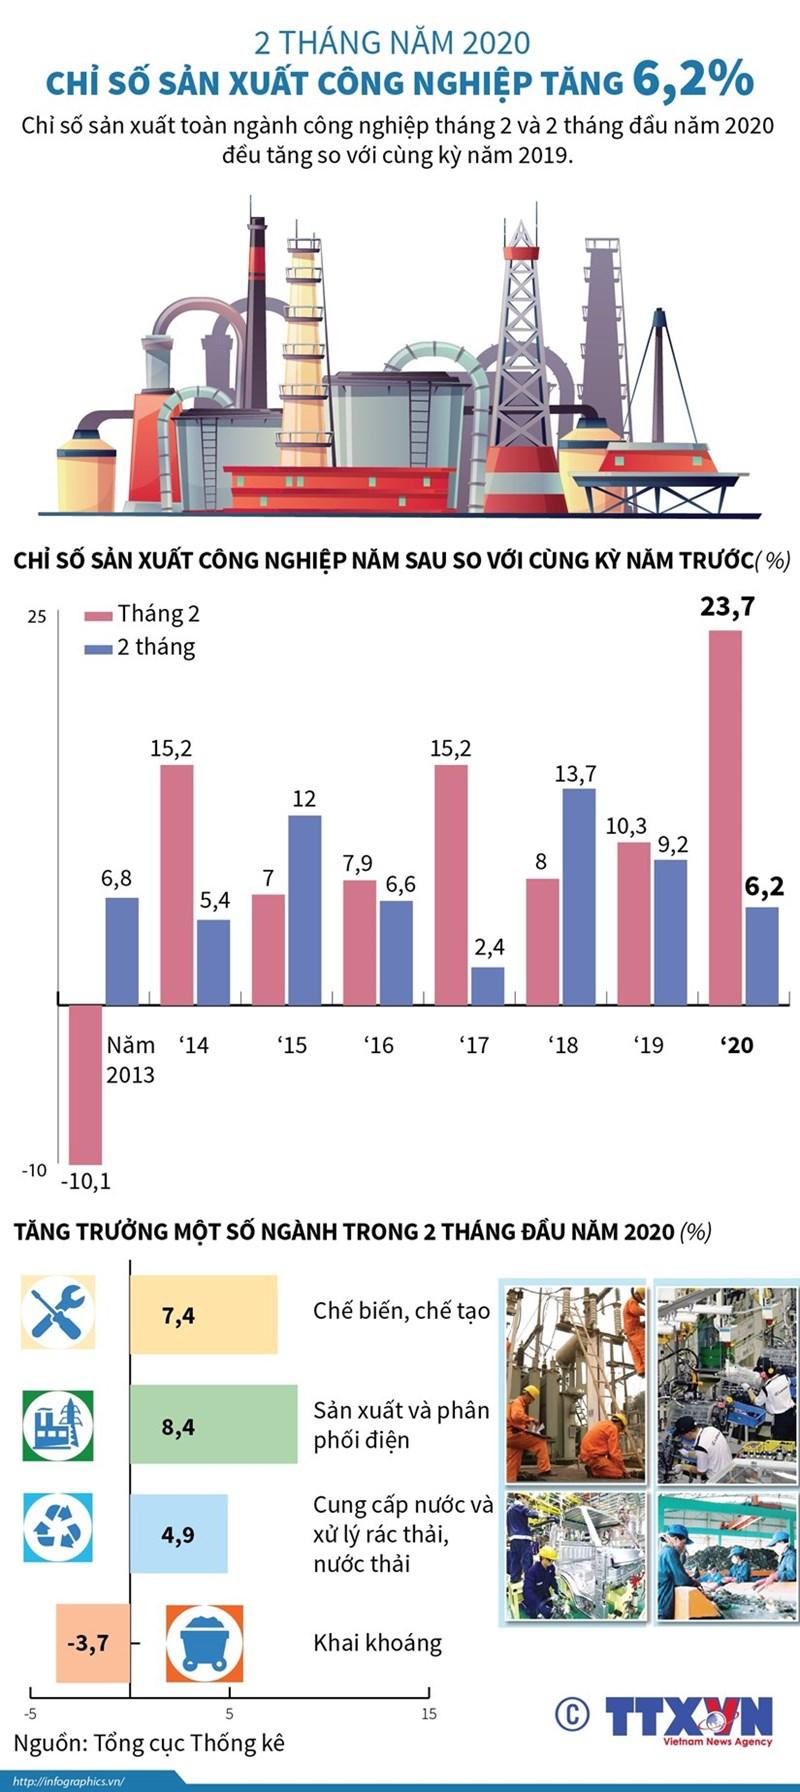 [Infographics] Chỉ số sản xuất công nghiệp hai tháng đầu năm tăng 6,2% - Ảnh 1